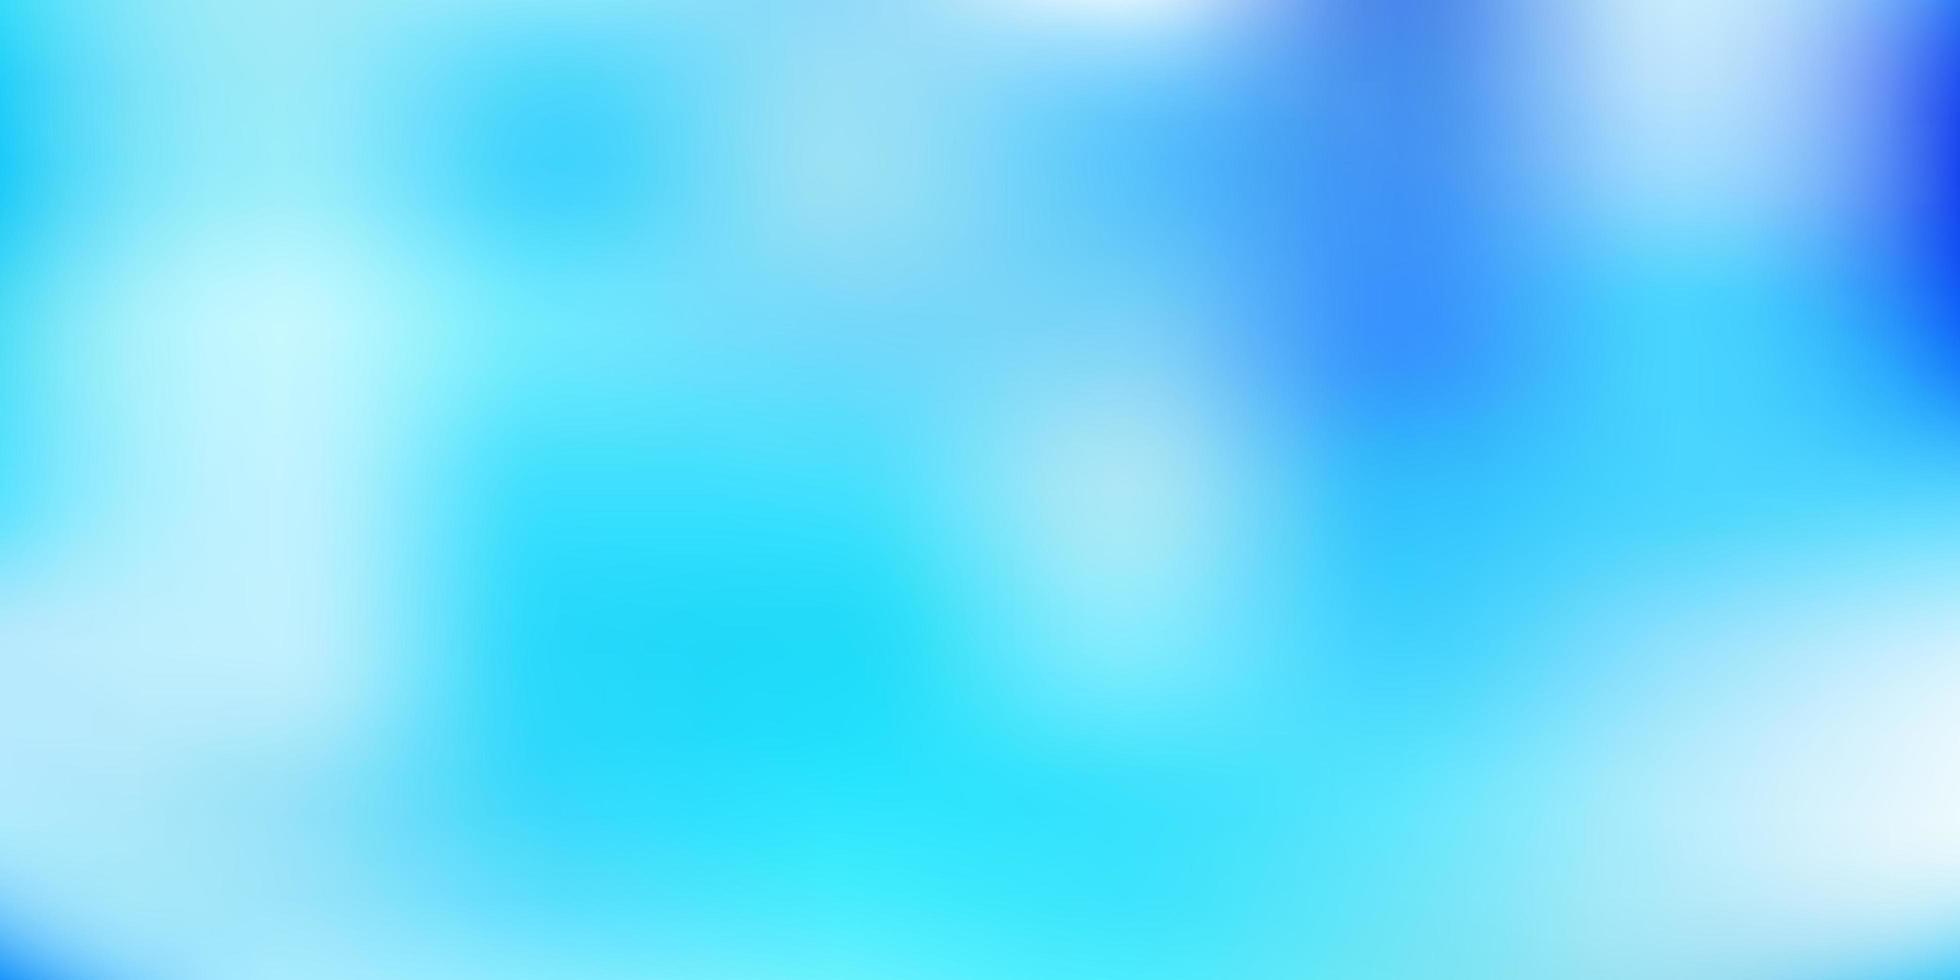 fundo de desfoque de gradiente azul claro. vetor